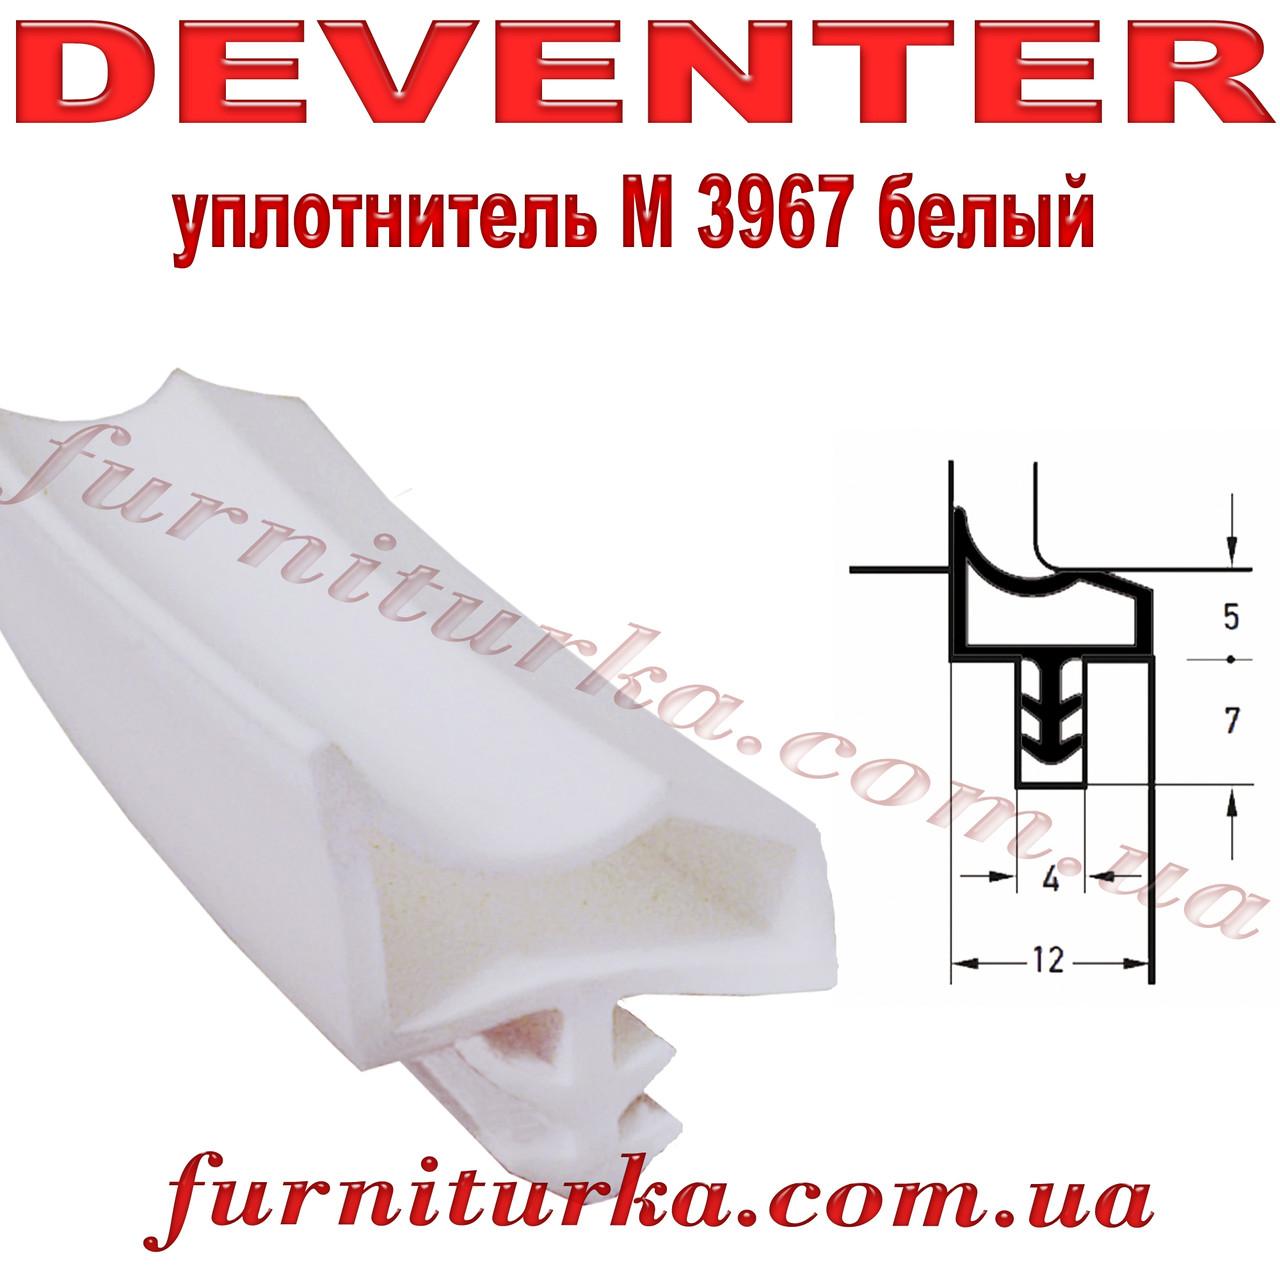 Уплотнитель дверной Deventer M3967 белый